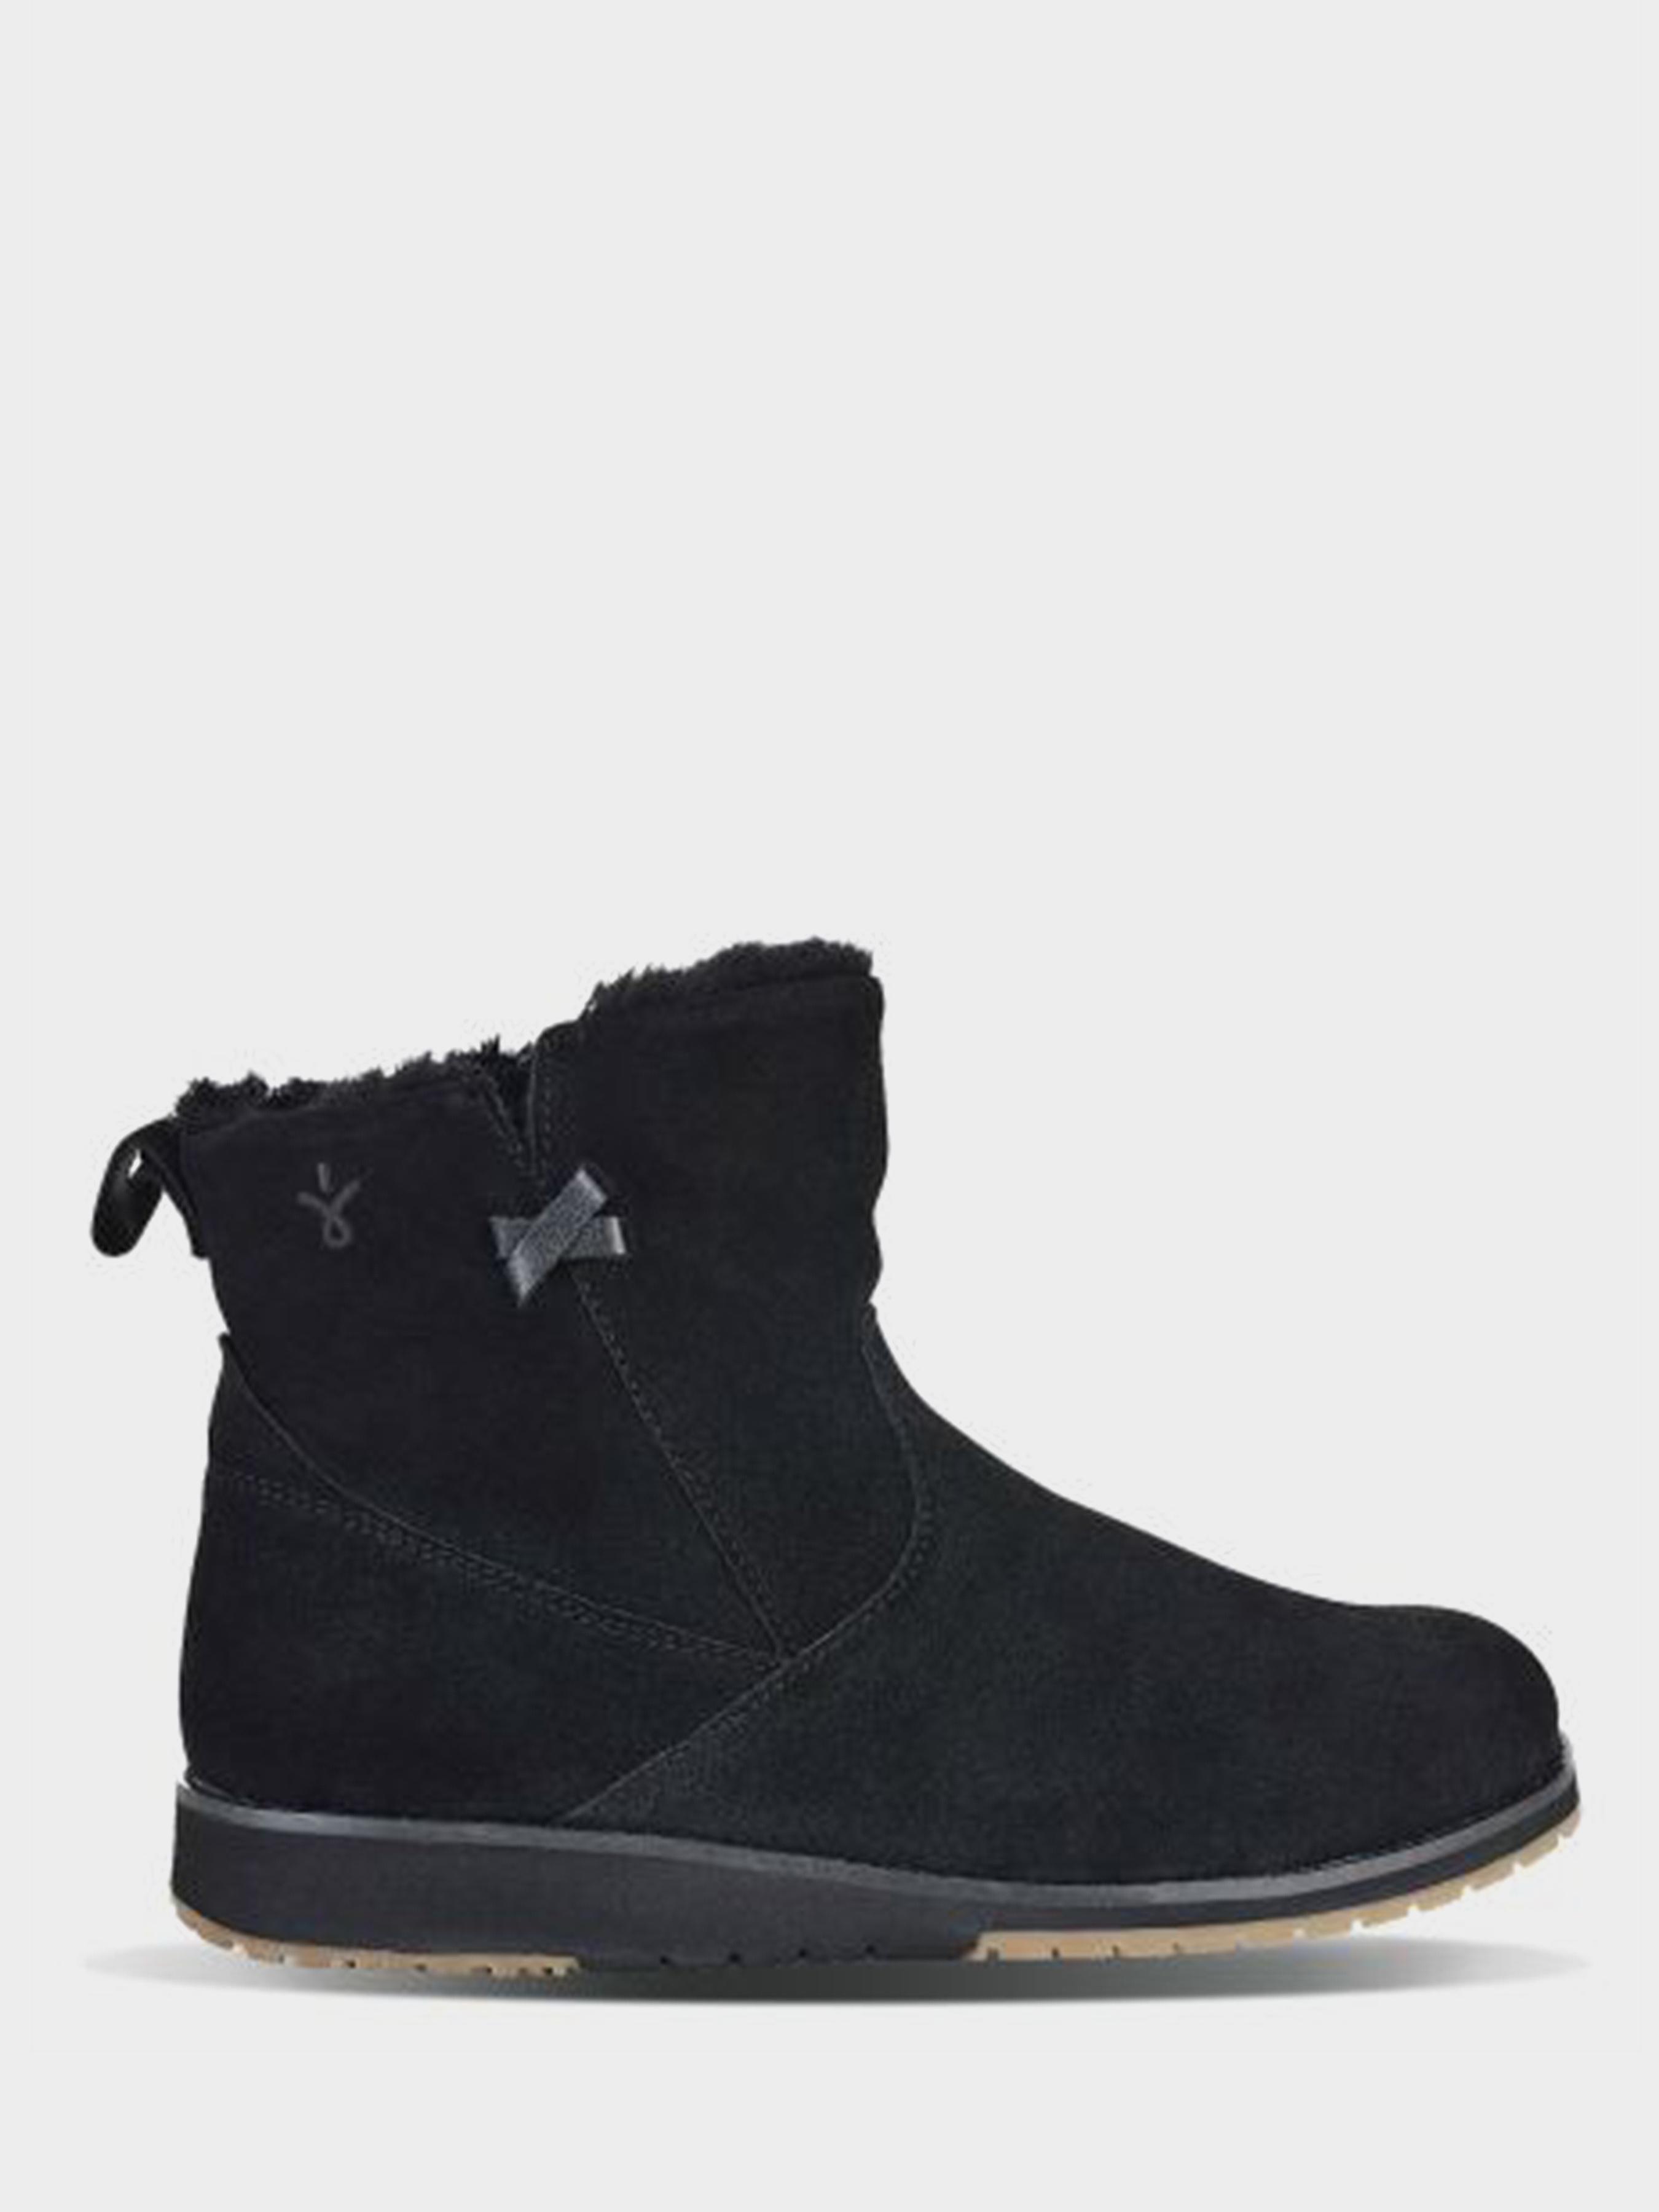 Ботинки женские EMU W11026-black брендовые, 2017